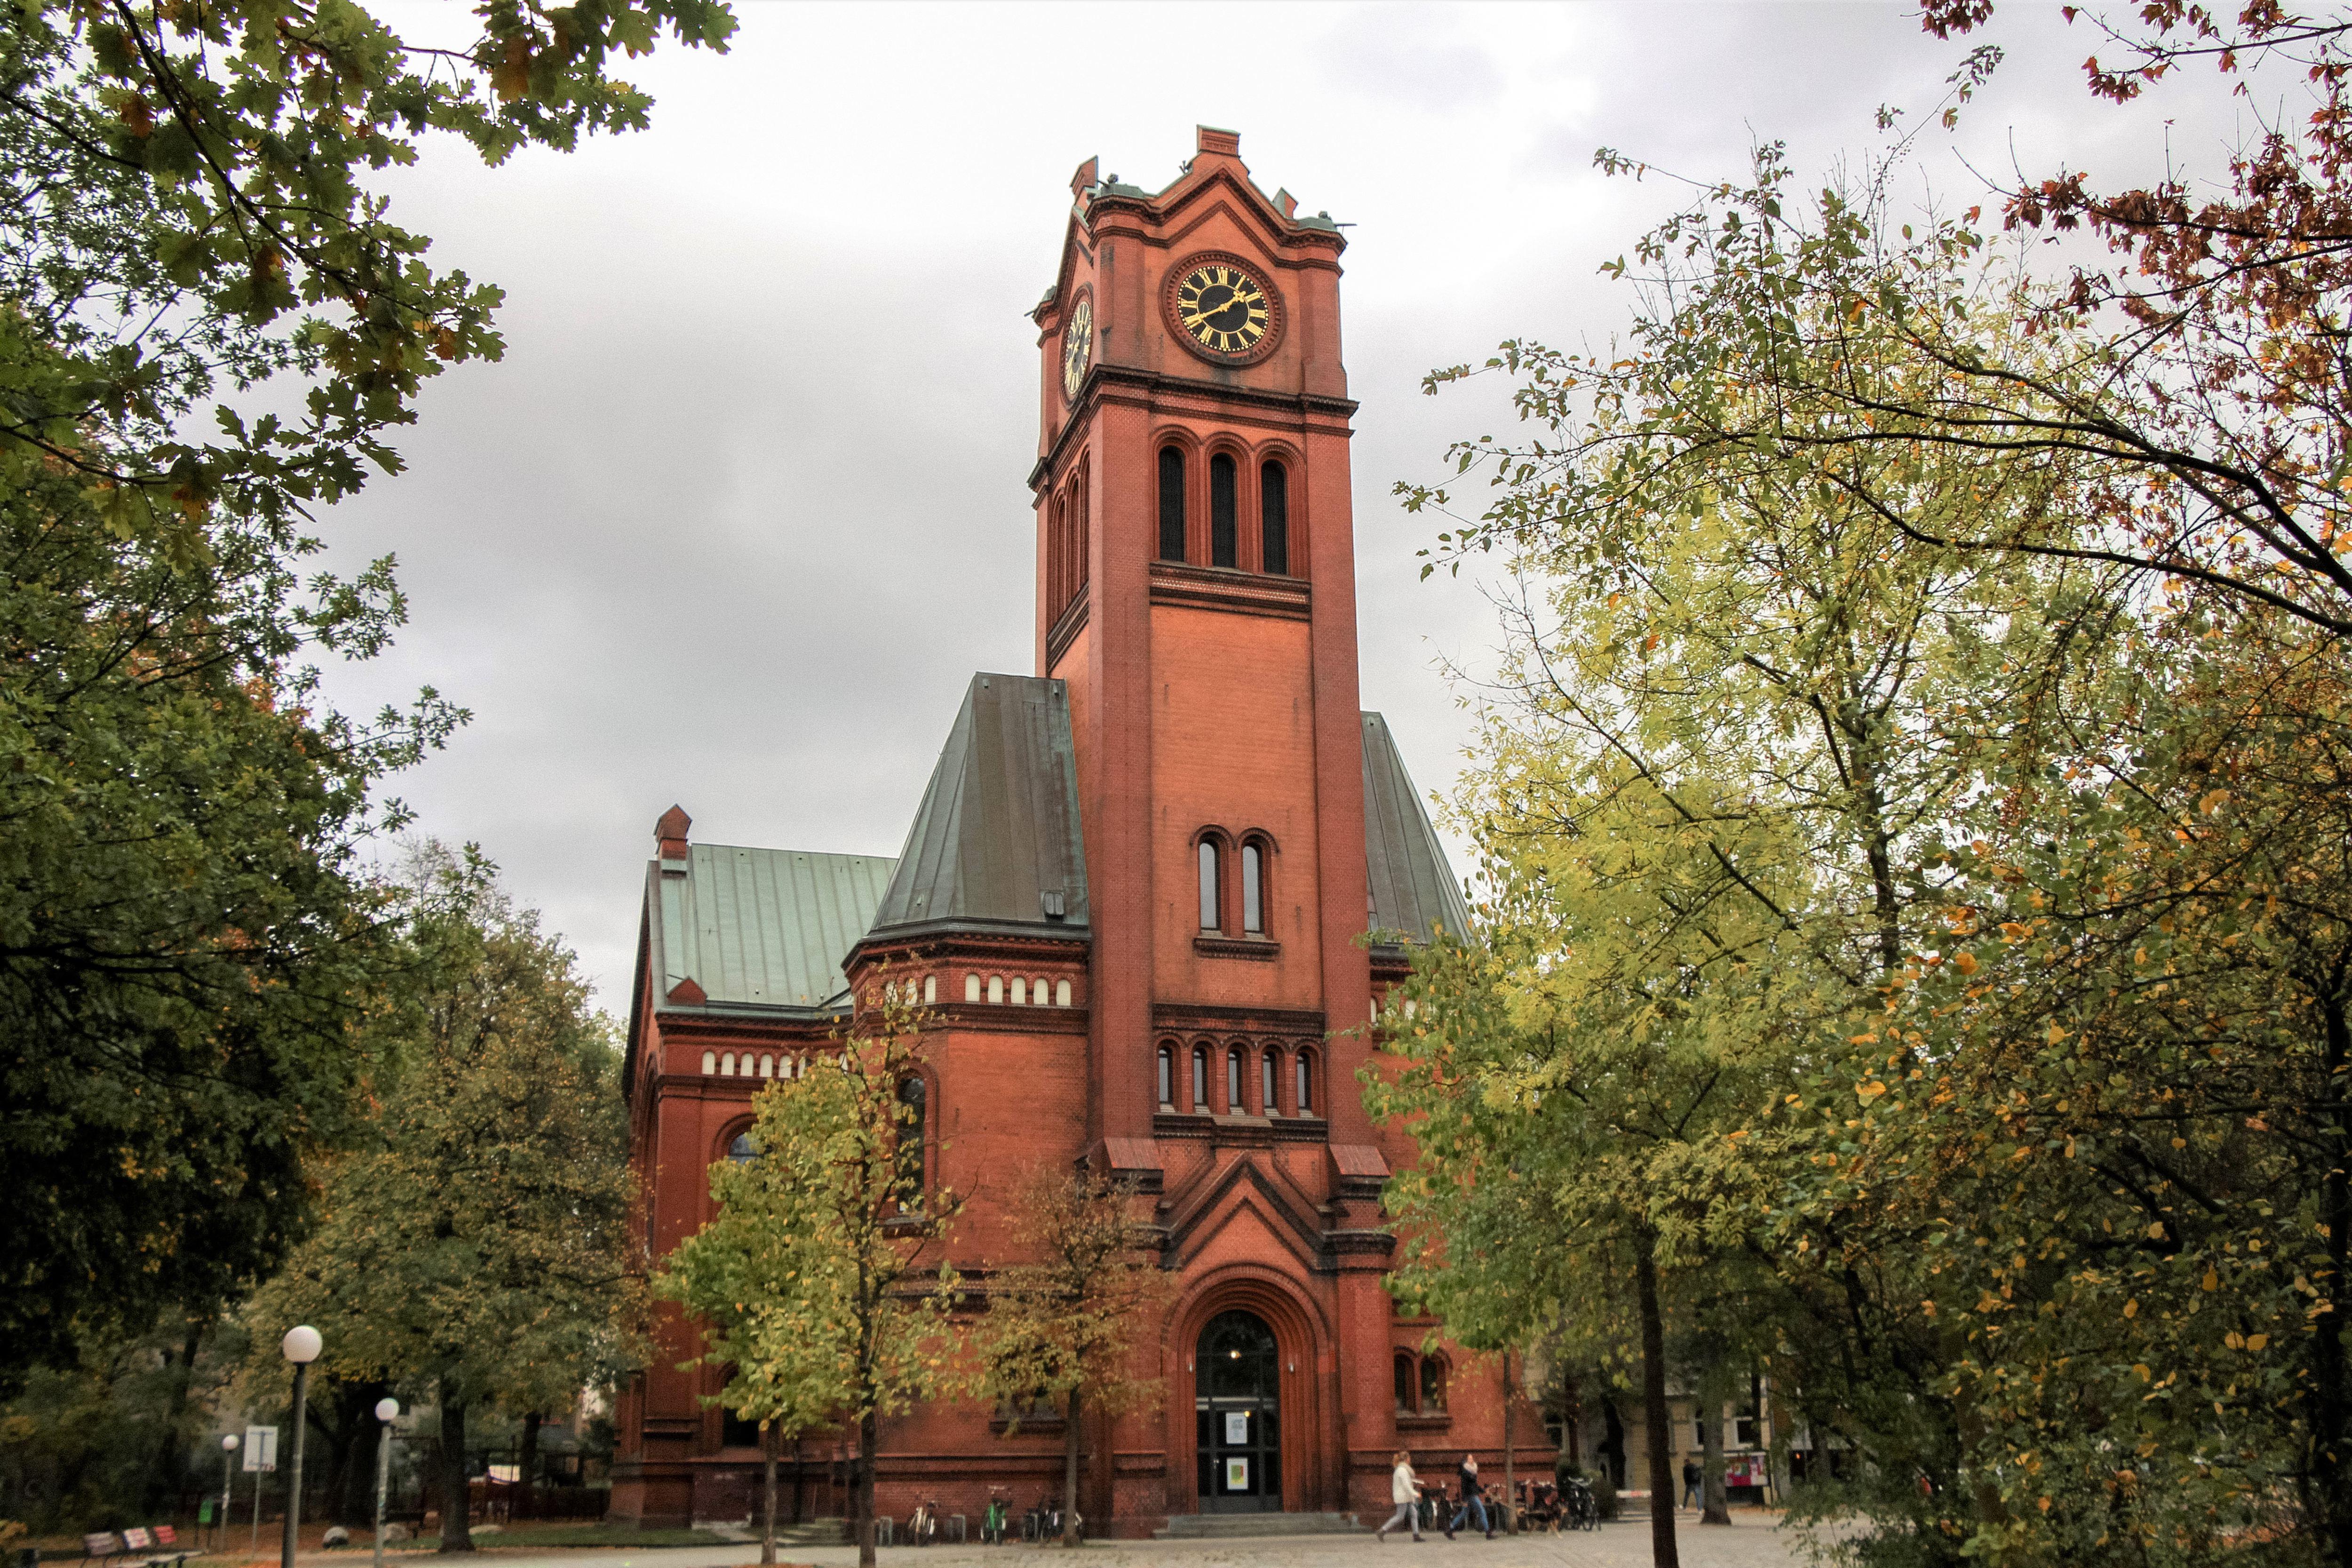 Die Apostelkirche - das wohl bekannteste Gebäude an der Lappenbergsallee. Foto: Alicia Wischhusen